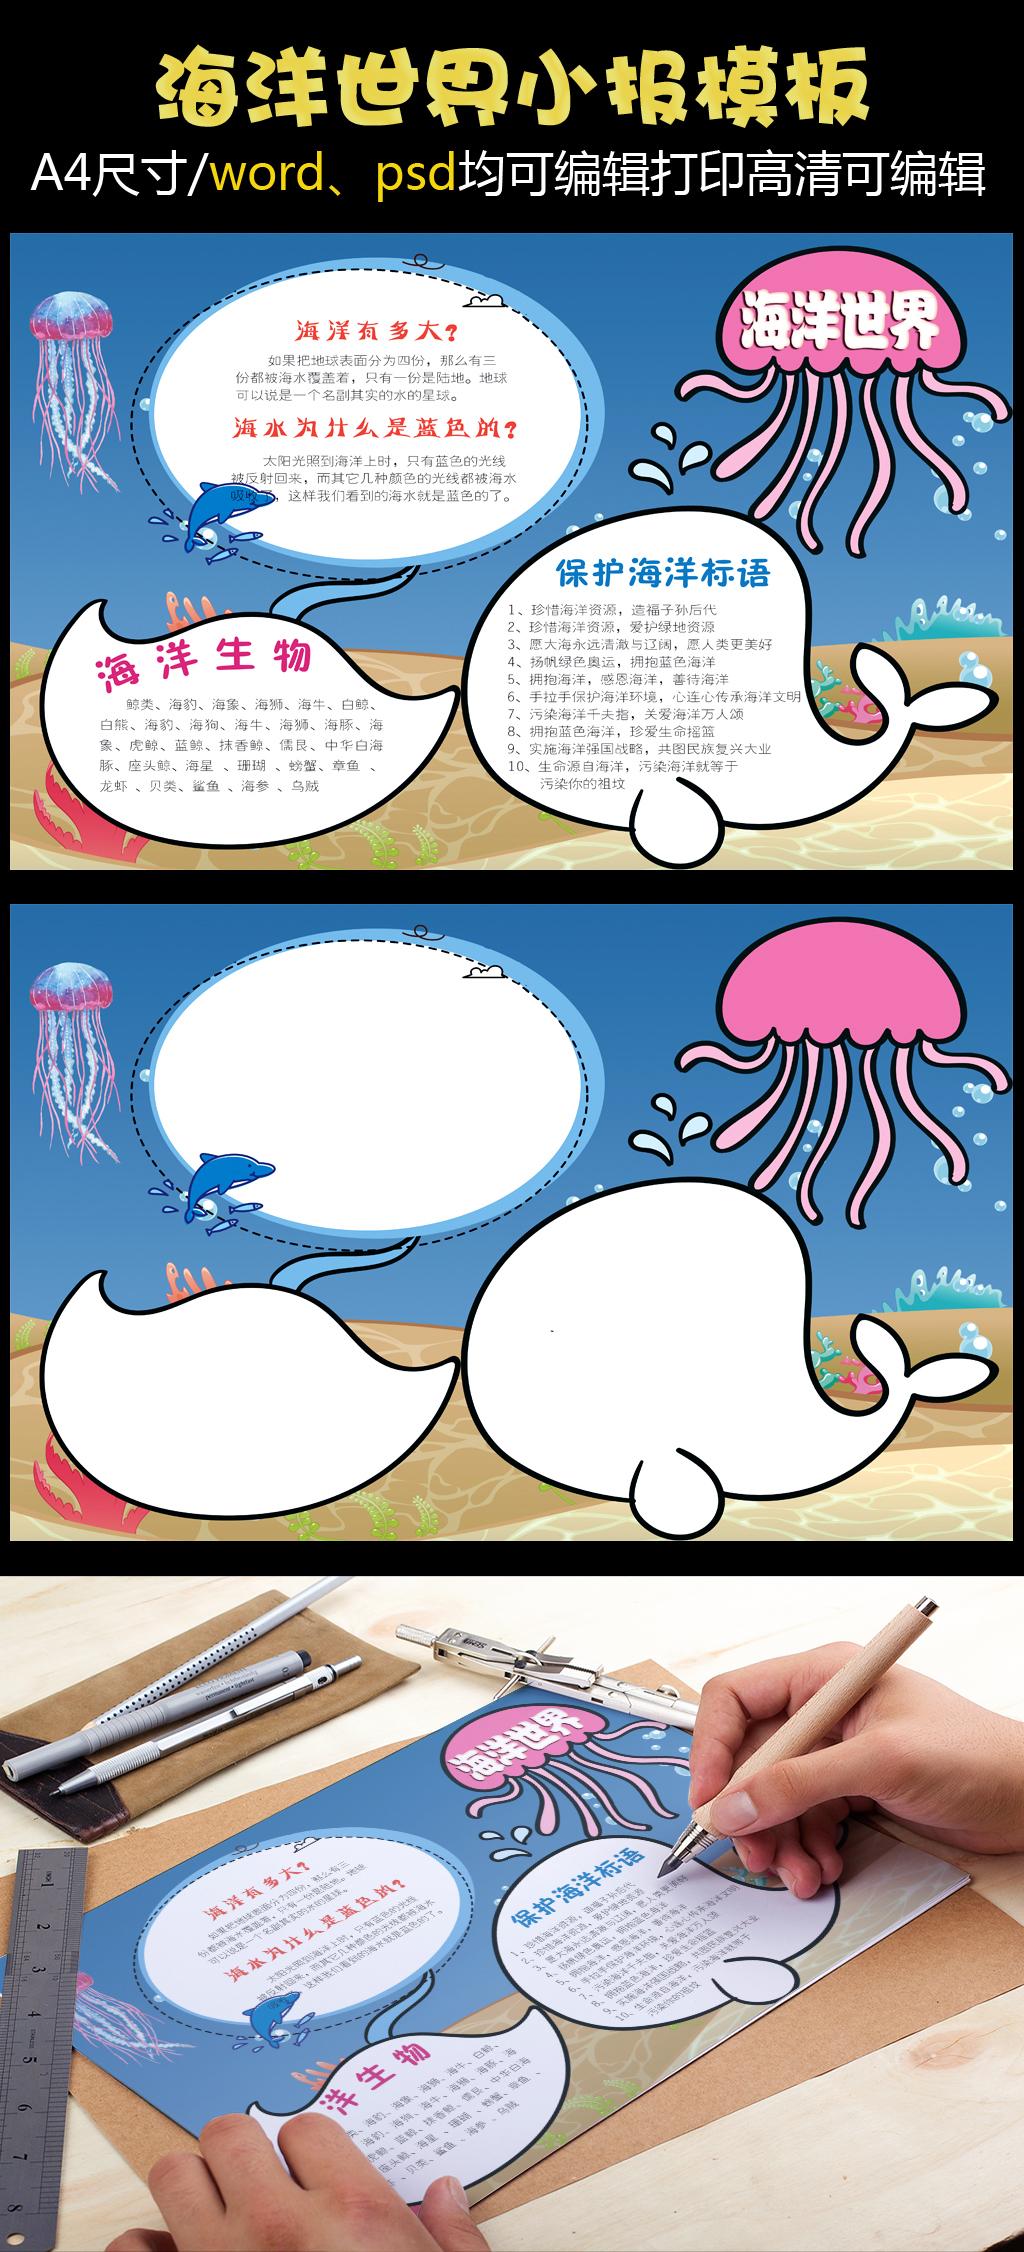 卡通海洋世界小报探索海洋手抄报模板